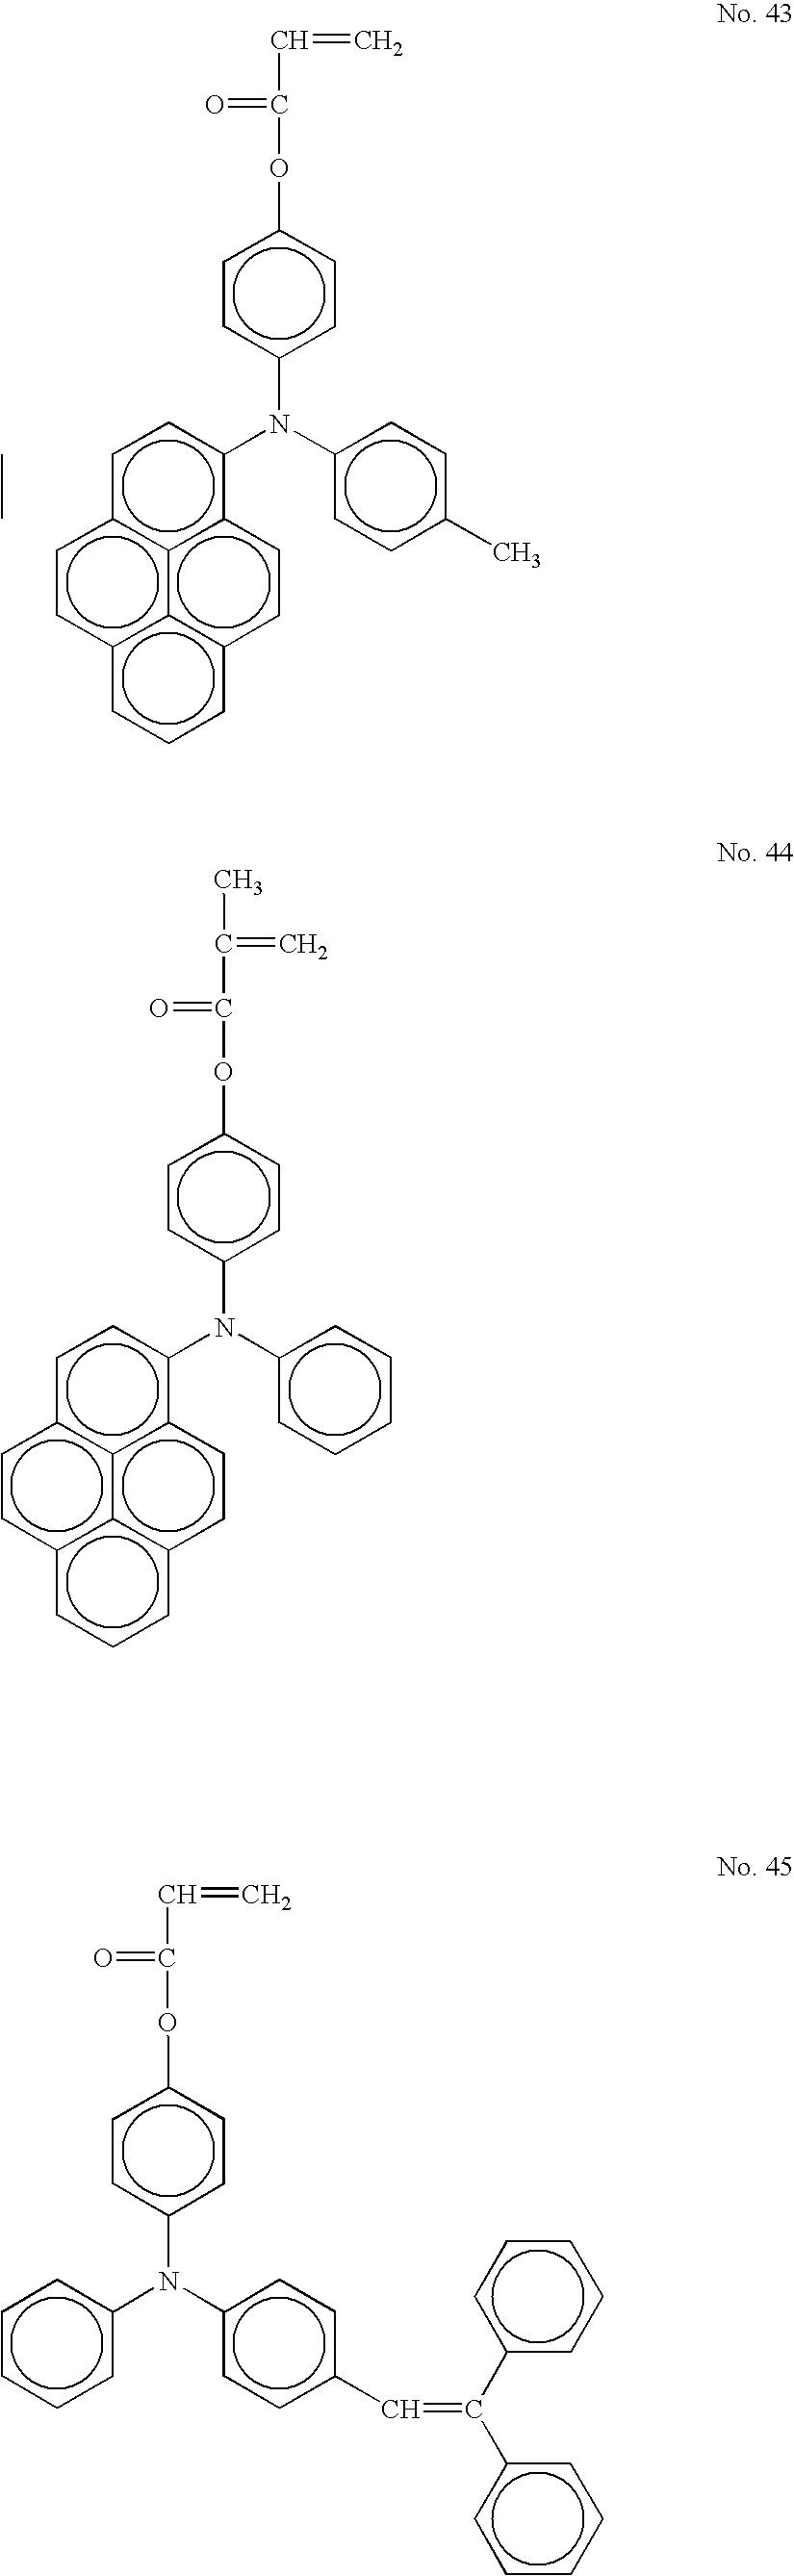 Figure US20040253527A1-20041216-C00026